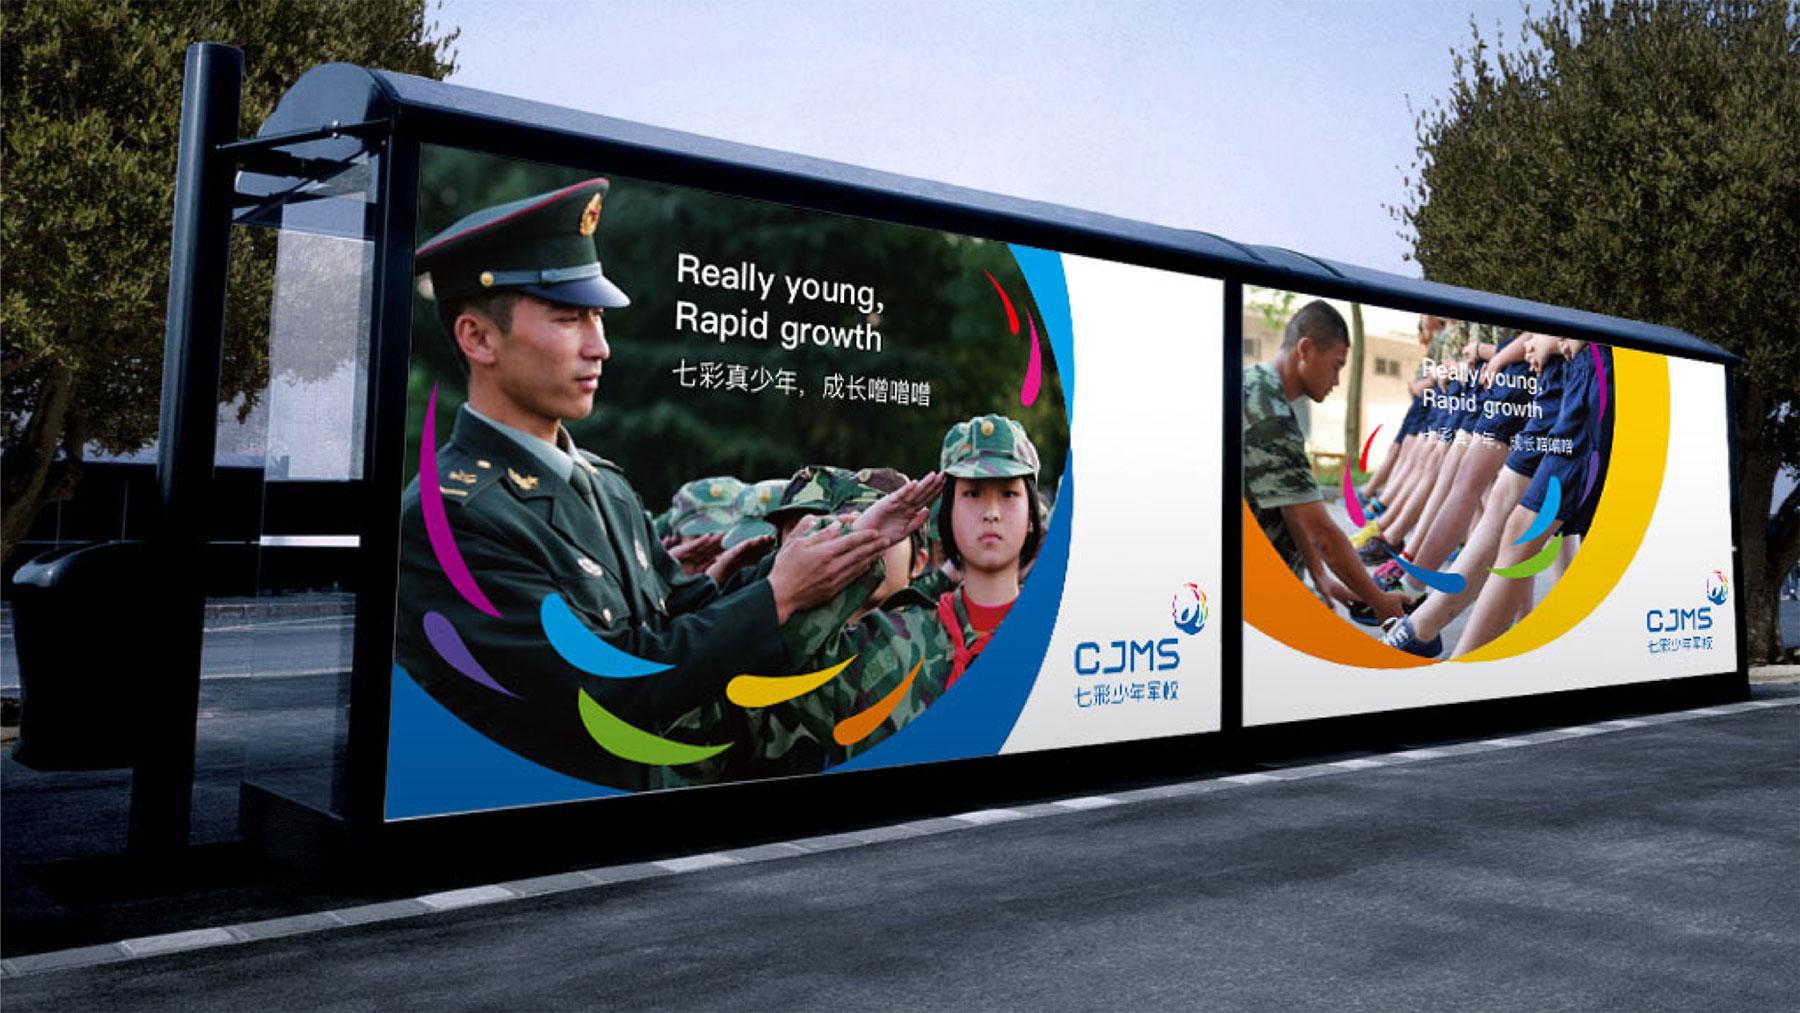 七彩少年品牌全案定位升级:公交站台广告宣传